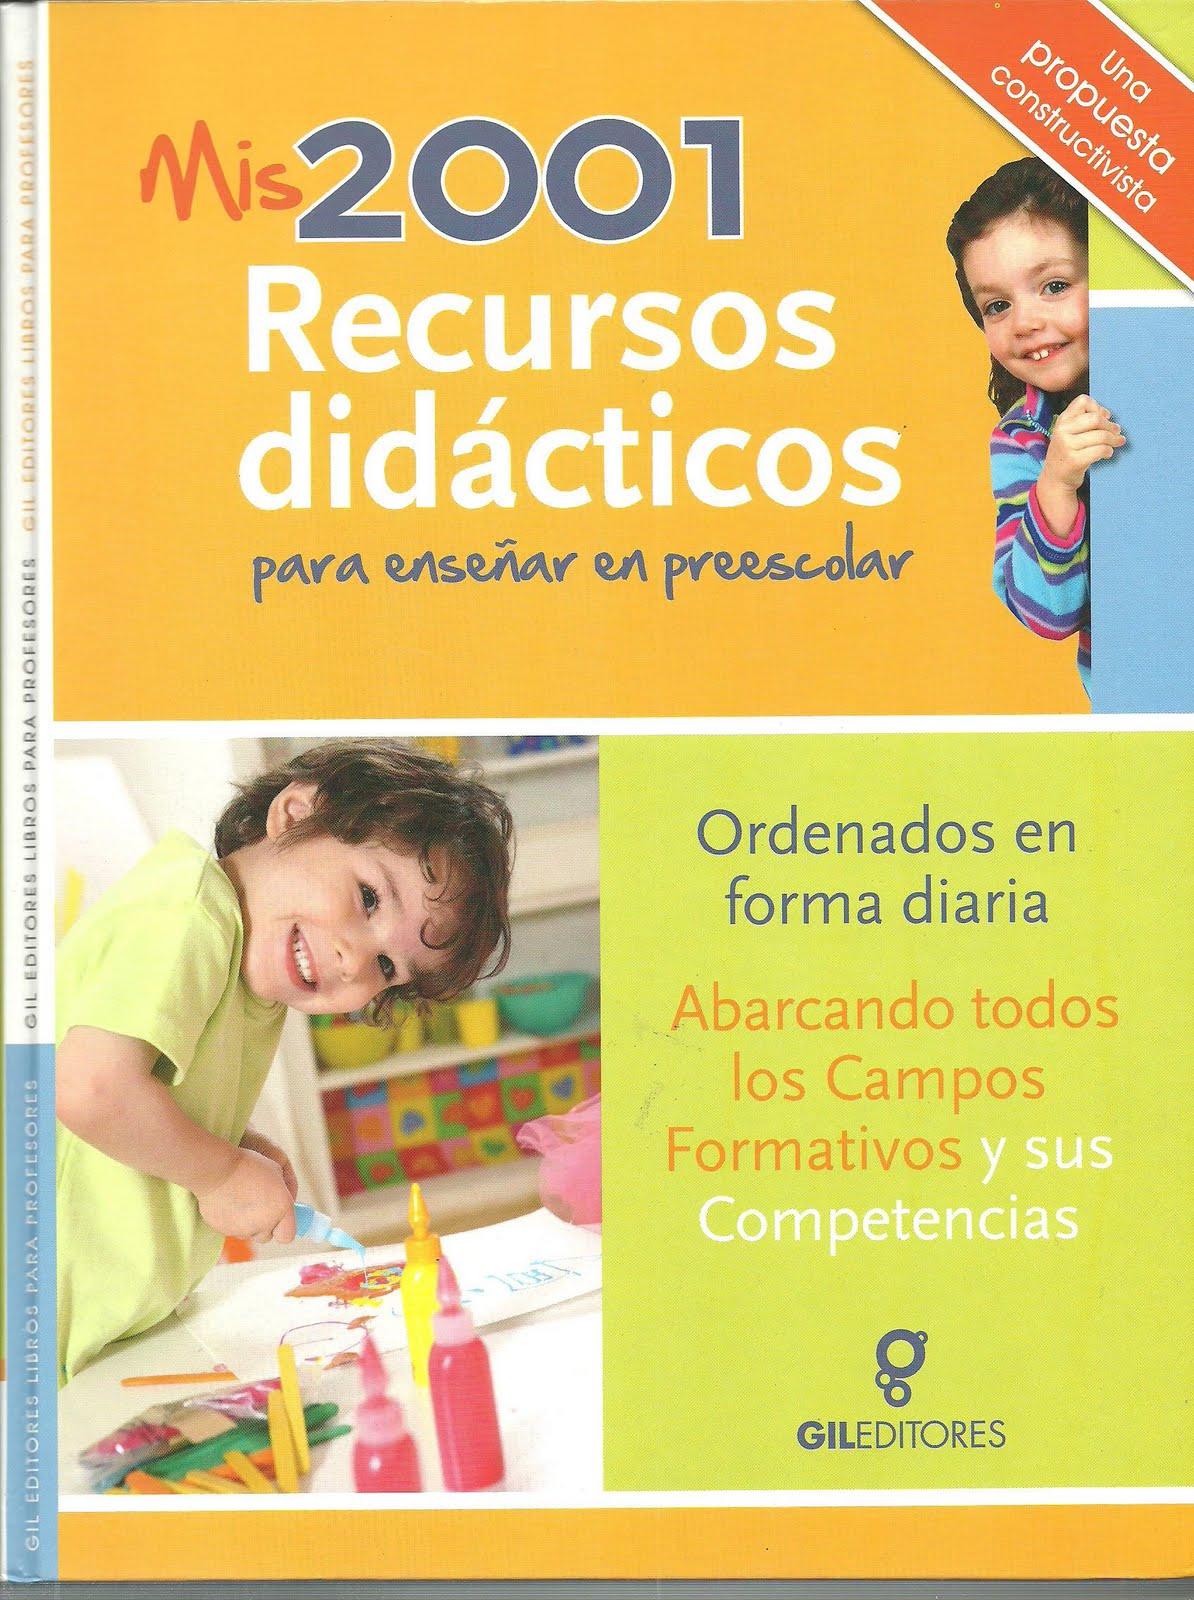 libro mis 2001 recursos didacticos para ensenar en el preescolar